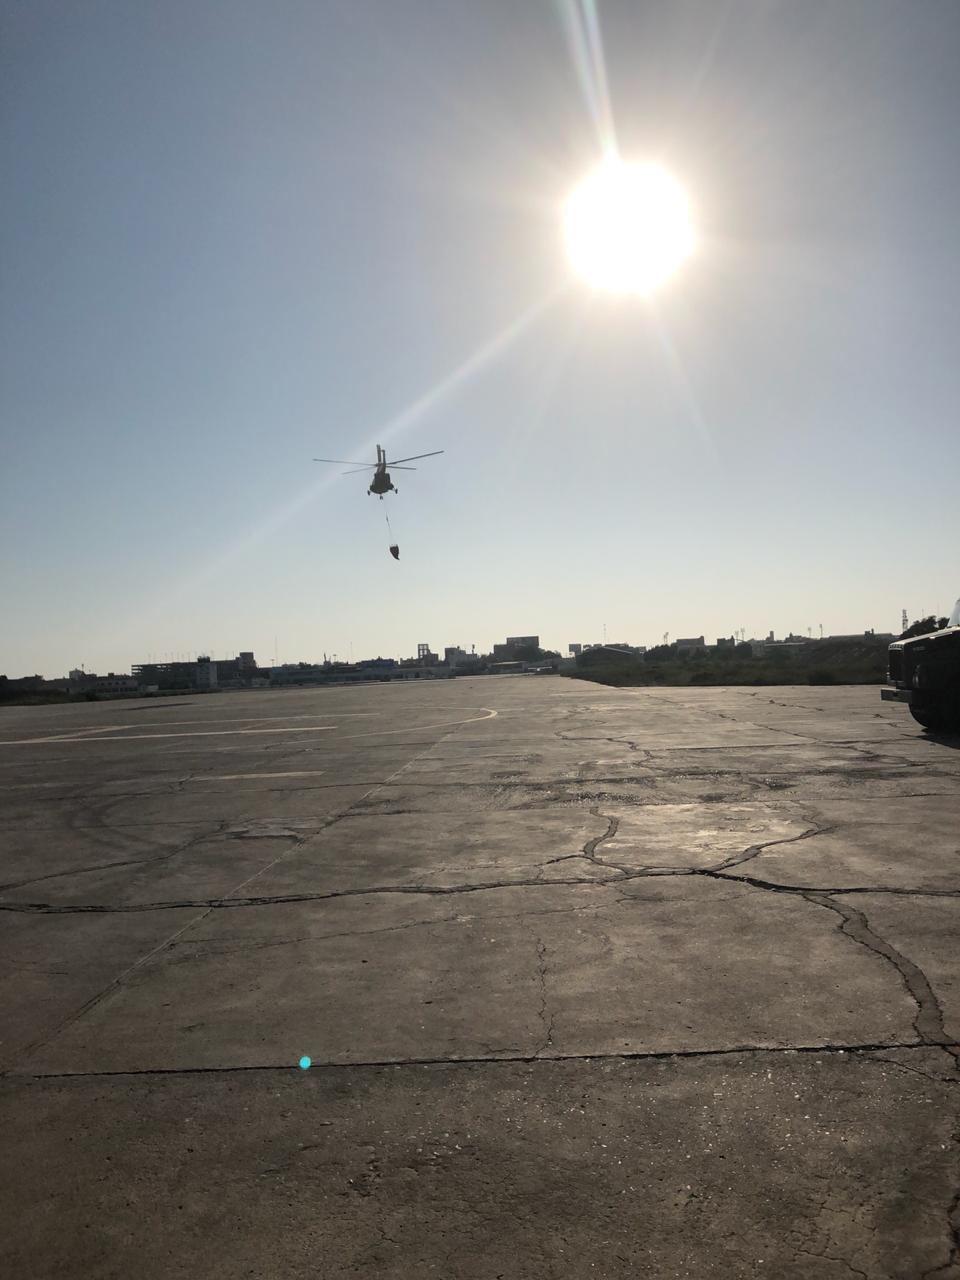 Fue necesaria el apoyo por vía aérea para apagar el fuego en el Bosque de Pómac. Foto: Ejército del Perú.